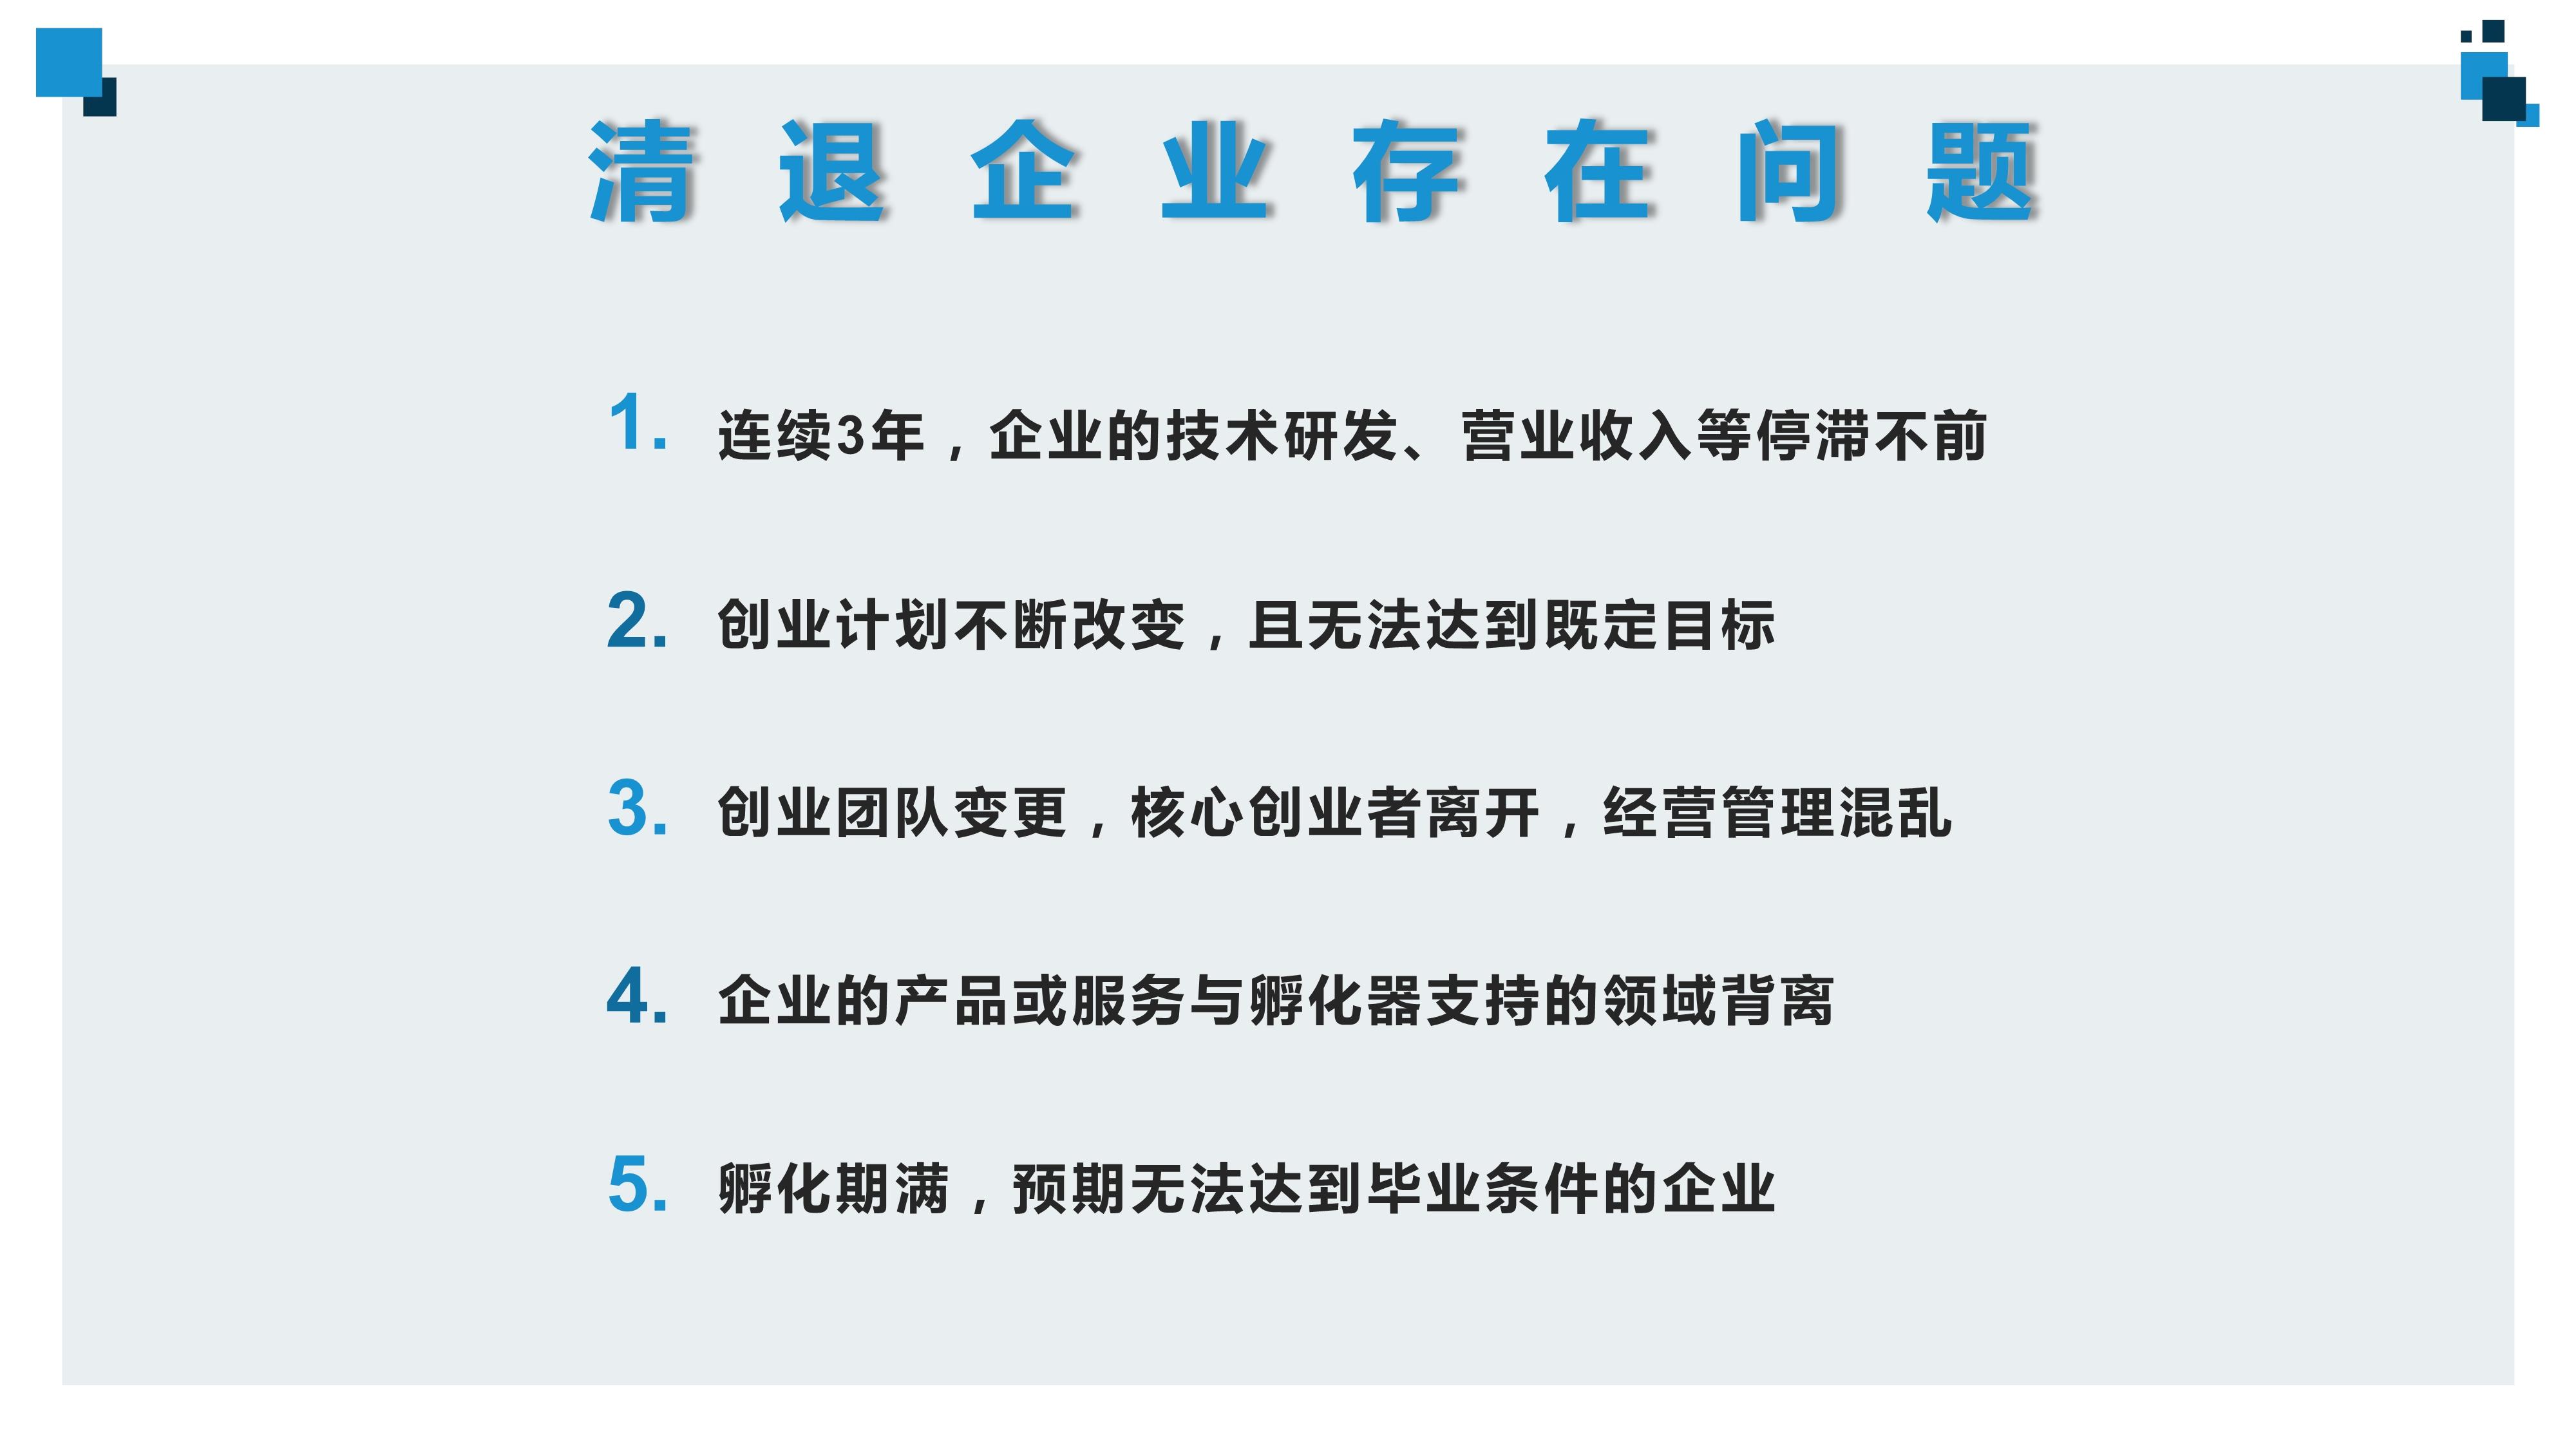 科技企业孵化器认定和管理办法-政策解读_11.jpg